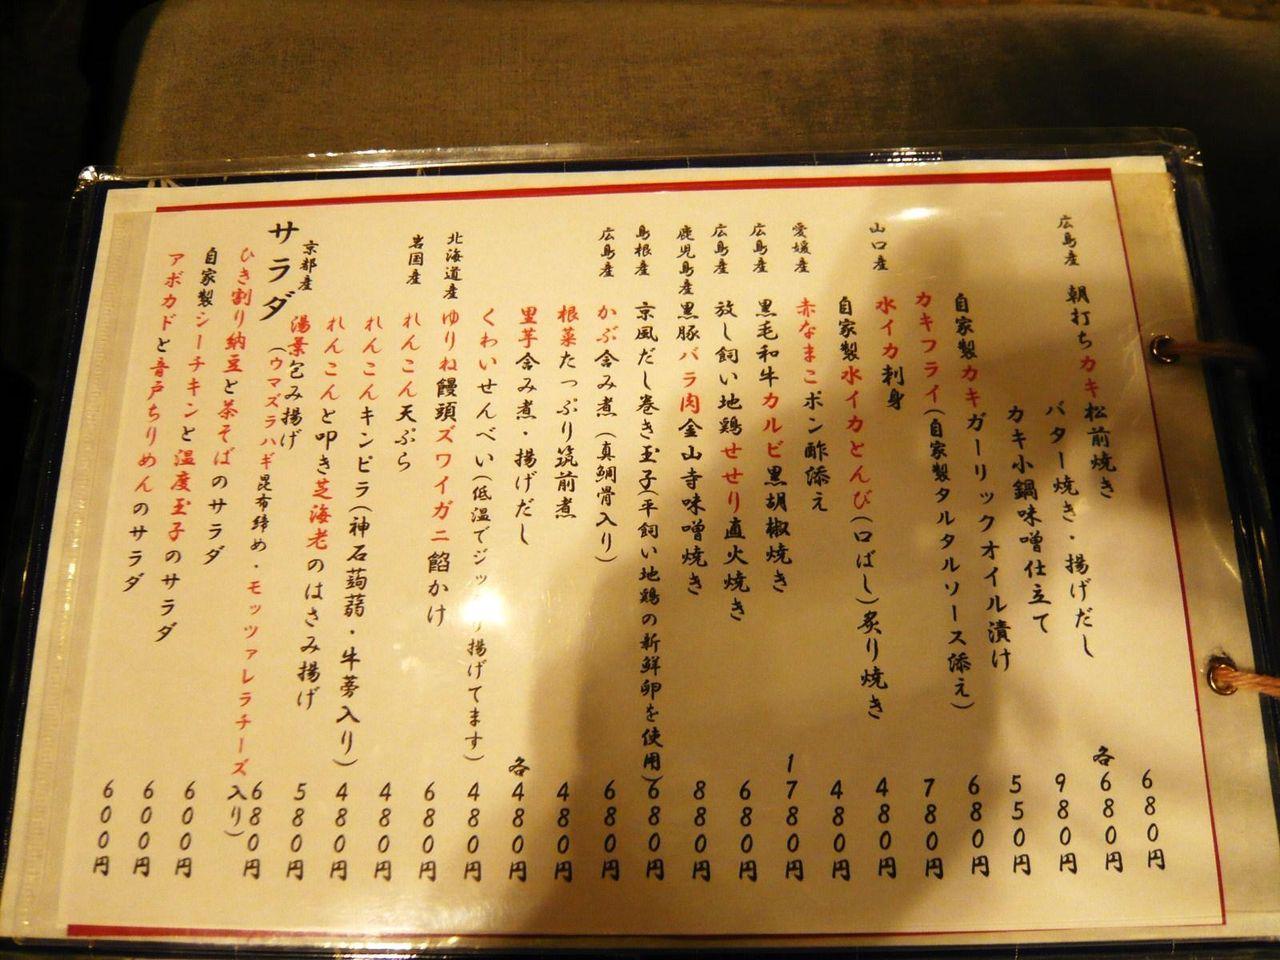 四季祭の牡蠣メニュー(22年12月現在)